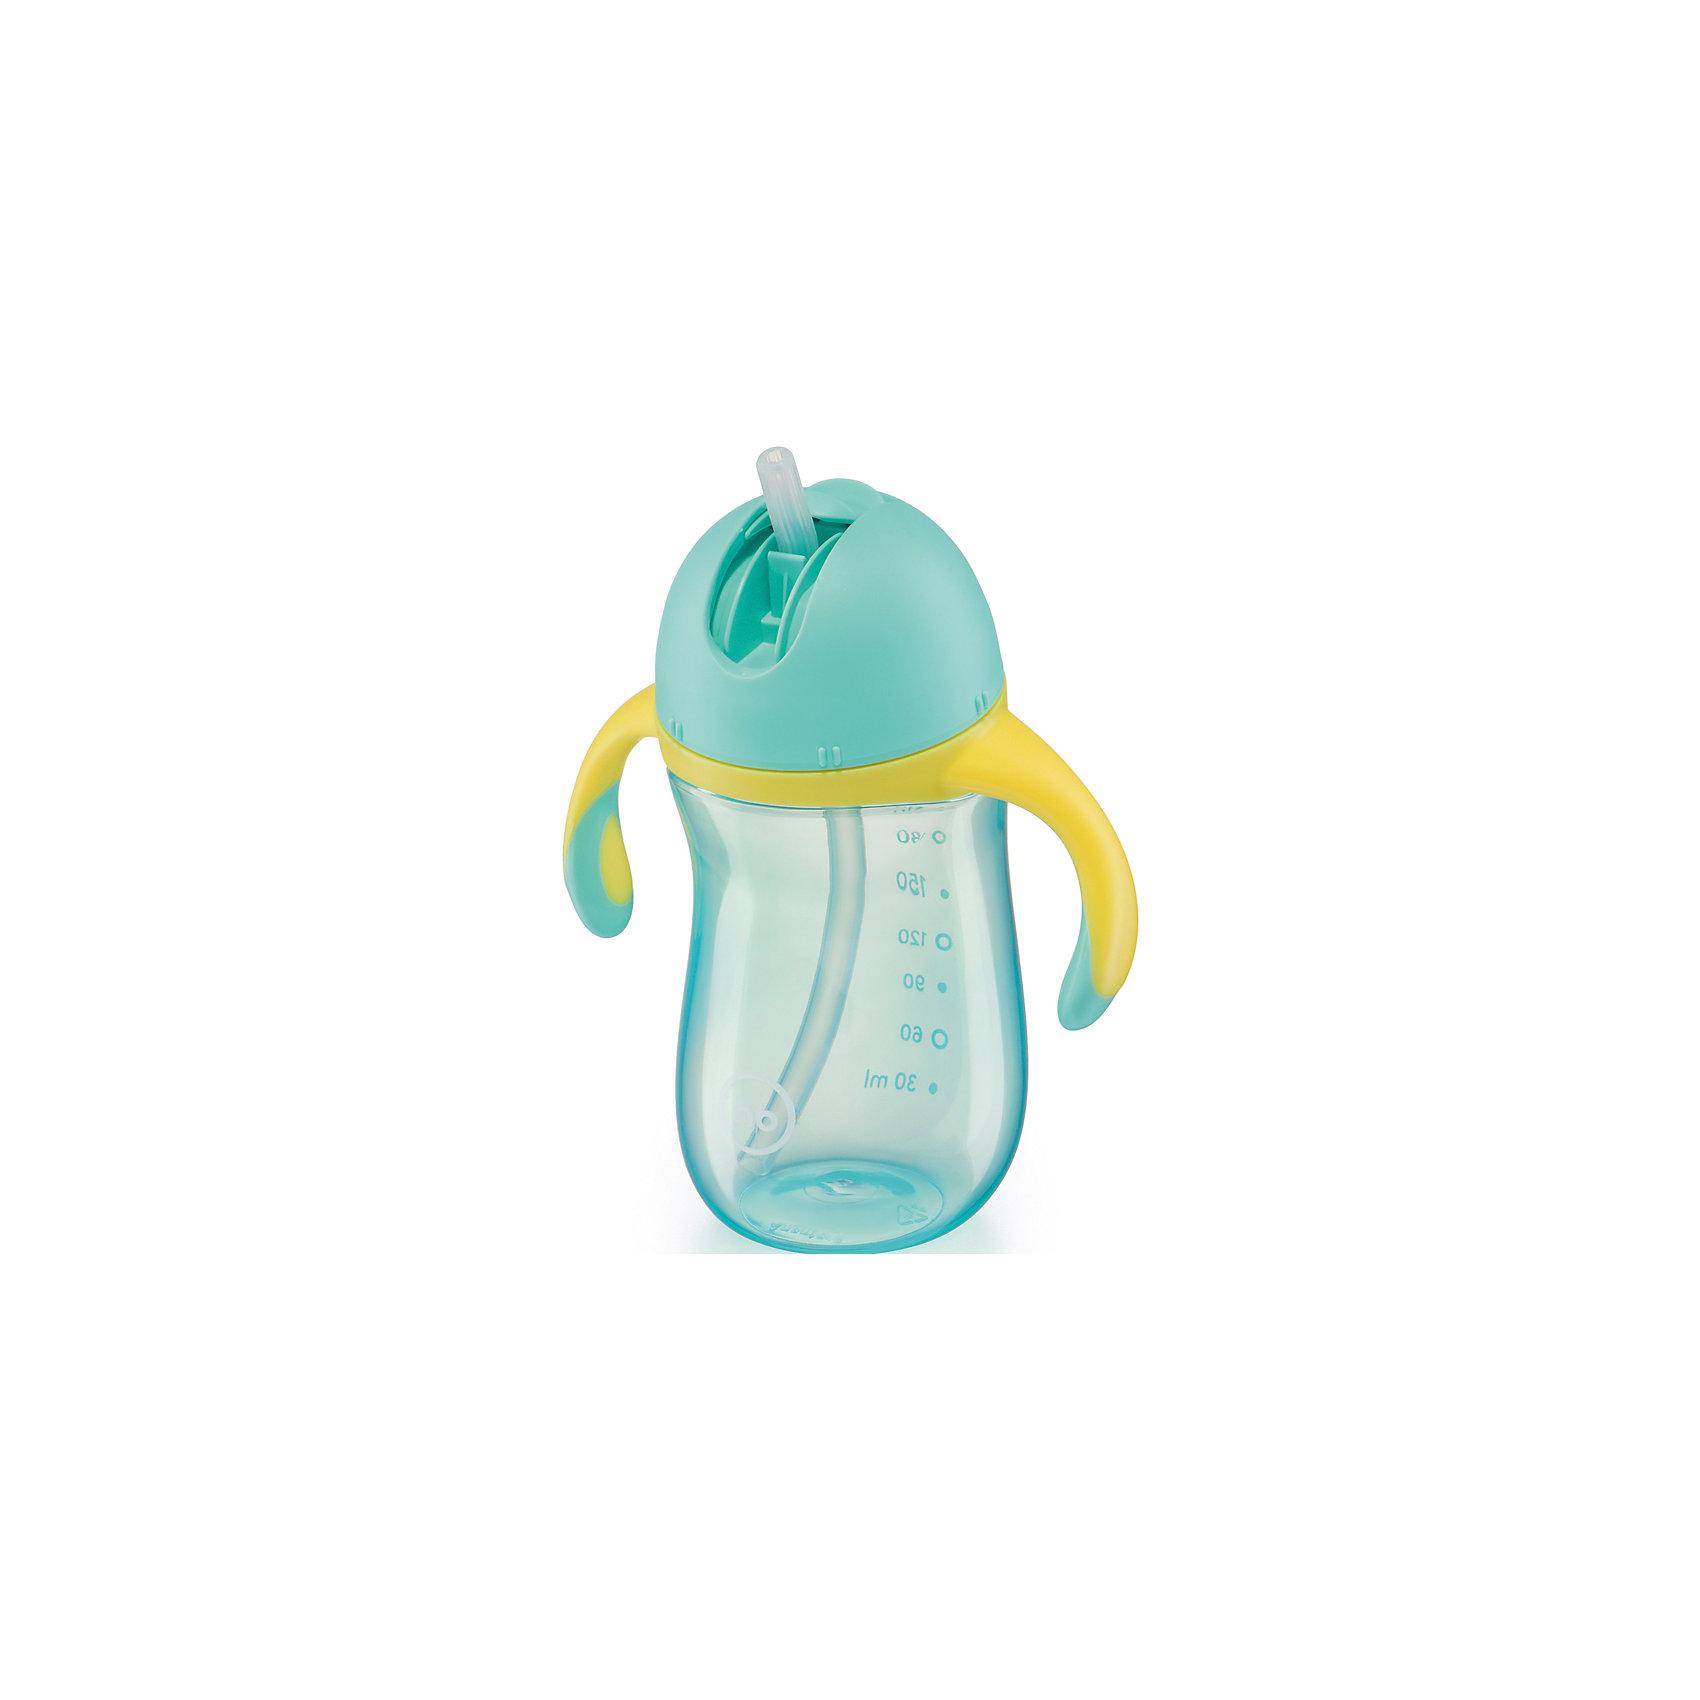 Поильник с трубочкой и ручками STAR FEEDING CUP, Happy Baby, синийПоильники<br>Поильник STAR FEEDING CUP имеет удобные съёмные ручки с нескользящим покрытием и эргономичную форму, оснащен закрывающимся клапаном, позволяющим сохранить трубочку чистой. Изготовлен из высококачественных нетоксичных материалов безопасных для детей. Гибкая мягкая трубочка не повредит нежные дёсны малыша, герметичная крышка исключит протекание.<br>Поильник STAR FEEDING CUP позволит малышам легко и быстро перейти от питья из соски к питью из чашки.<br><br>Дополнительная информация:<br><br>- Материал: пластик, силикон. <br>- Объем 260 мл.<br>- Съемные ручки с нескользящим покрытием;<br>- Удобная эргономичная форма.<br>- Герметичная крышка.<br>- Шкала с делениями.<br>- Ёршик для чистки трубочки в комплекте.<br>- Не содержит Бисфенол А.<br><br>Поильник с трубочкой и ручками STAR FEEDING CUP, Happy Baby (Хеппи Беби), синий, можно купить в нашем магазине.<br><br>Ширина мм: 70<br>Глубина мм: 130<br>Высота мм: 220<br>Вес г: 105<br>Возраст от месяцев: 6<br>Возраст до месяцев: 36<br>Пол: Унисекс<br>Возраст: Детский<br>SKU: 4978397